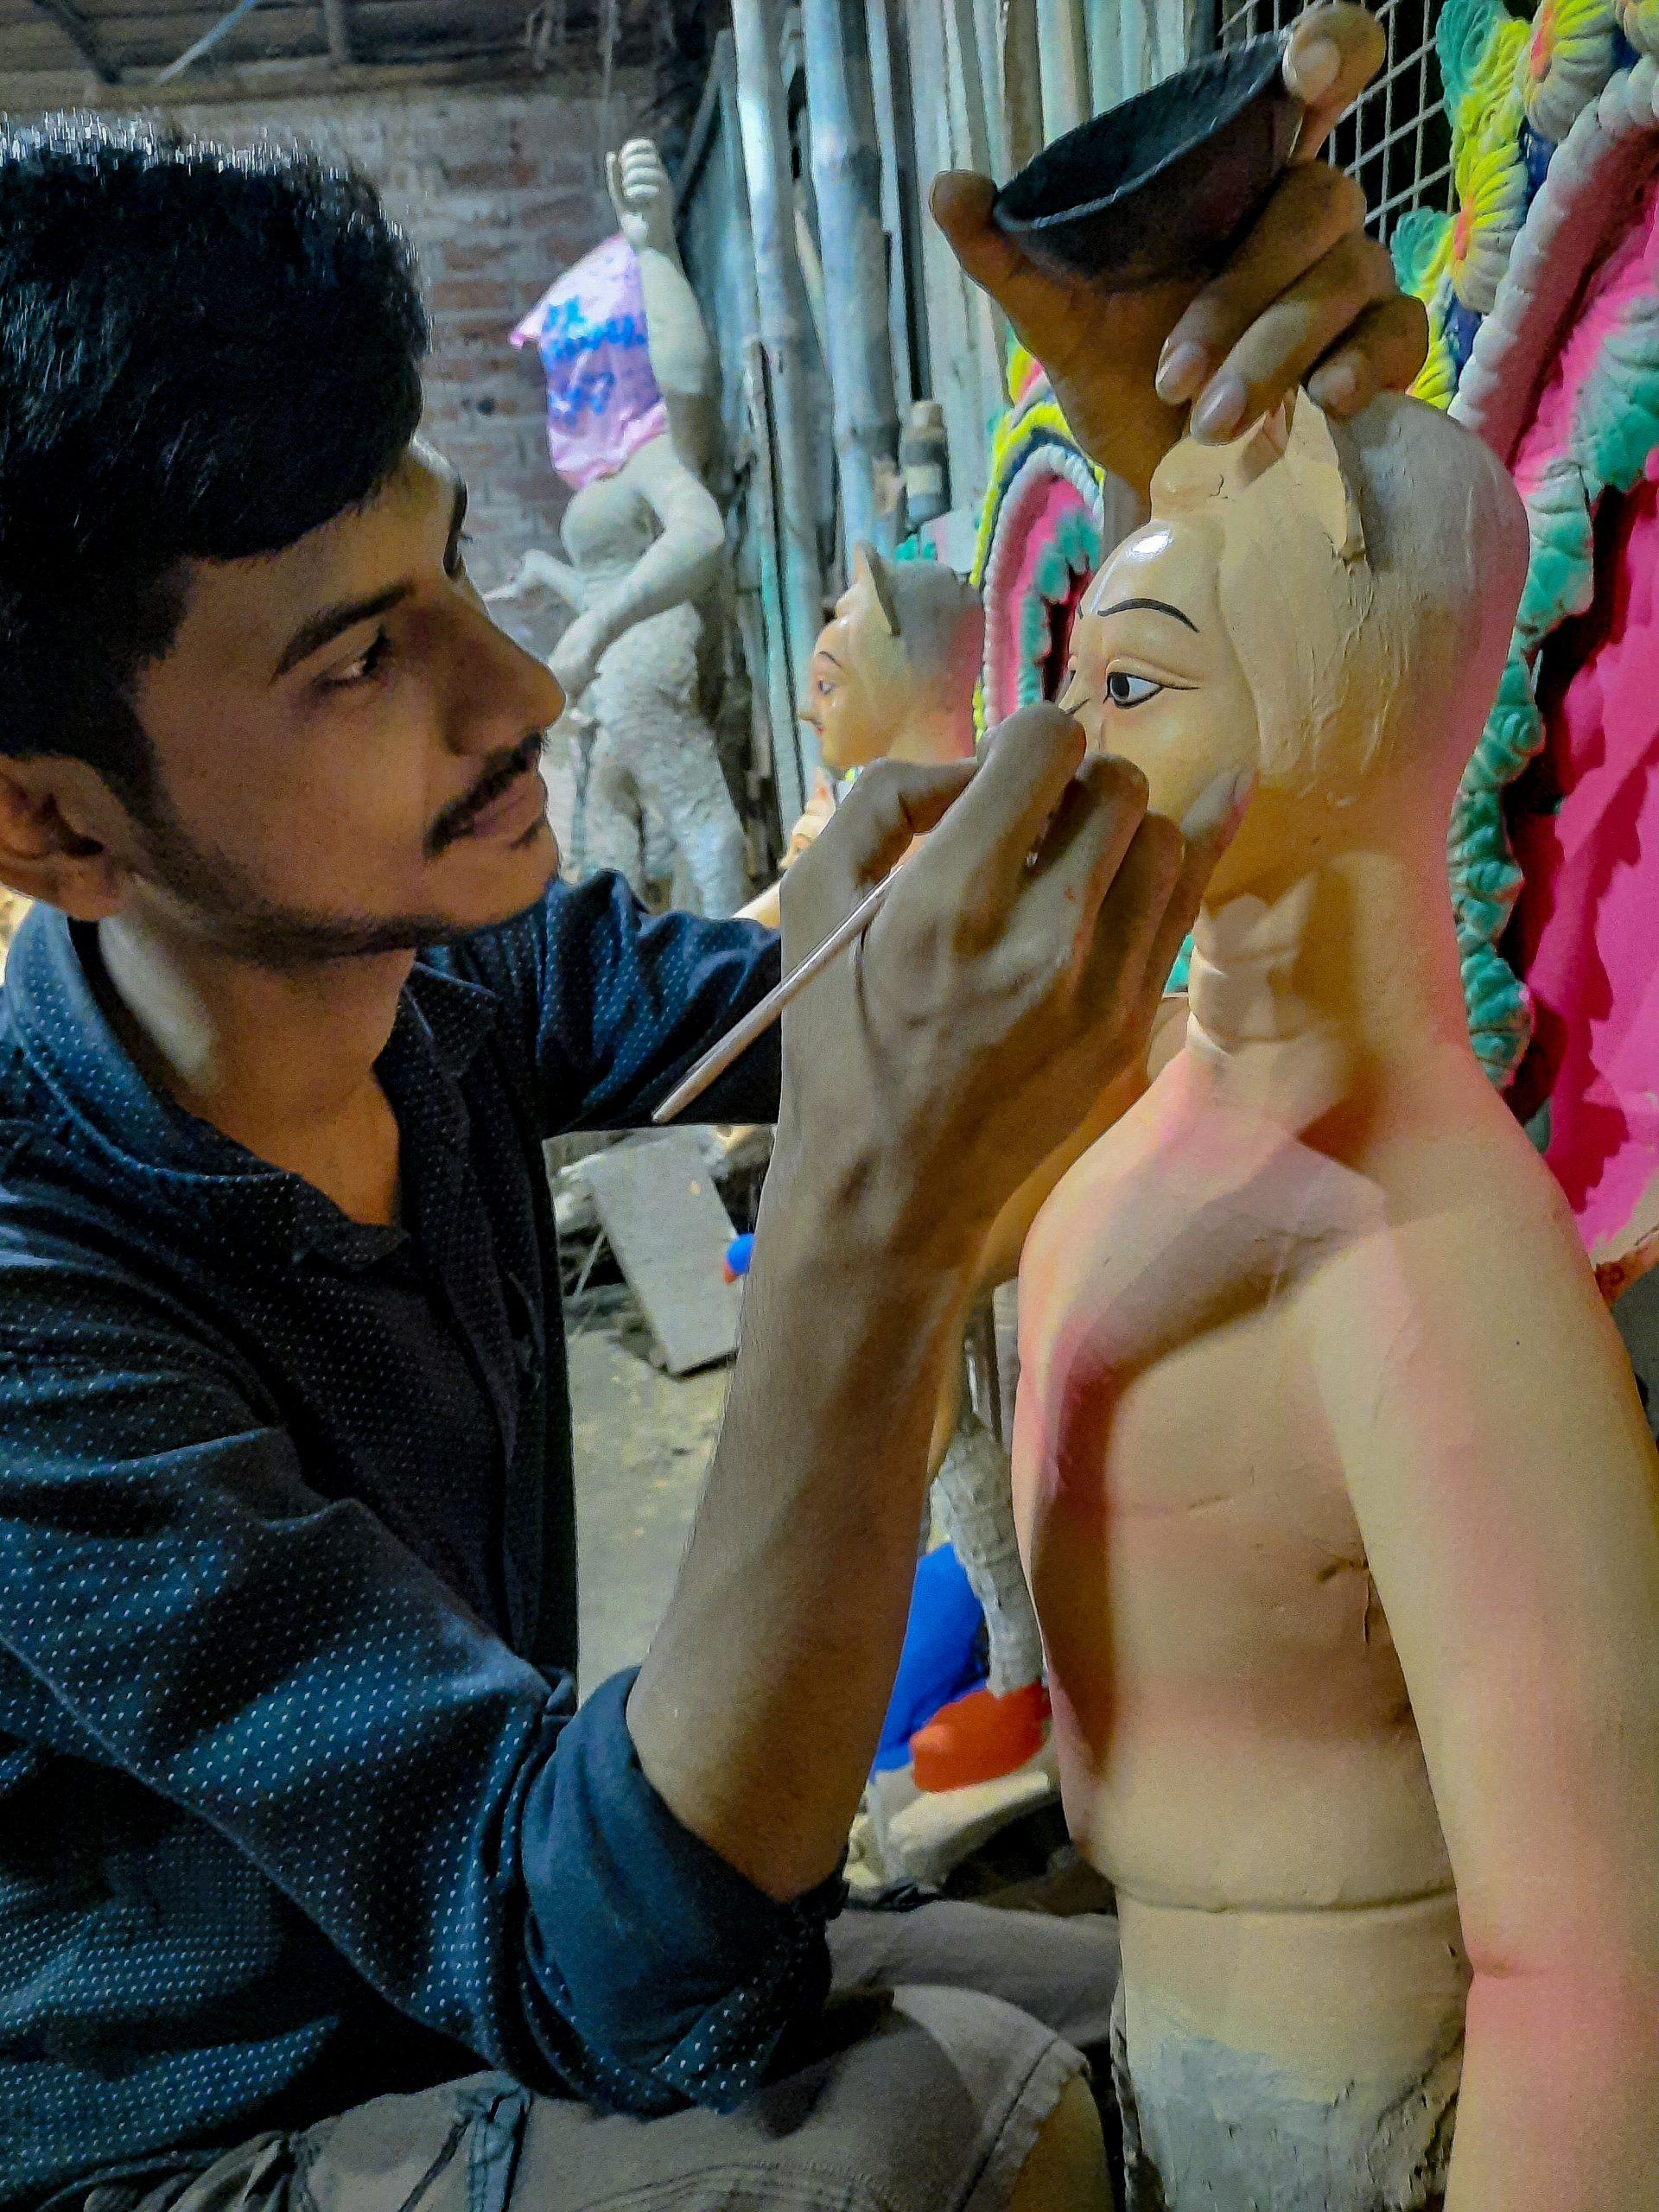 An artist painting a statue